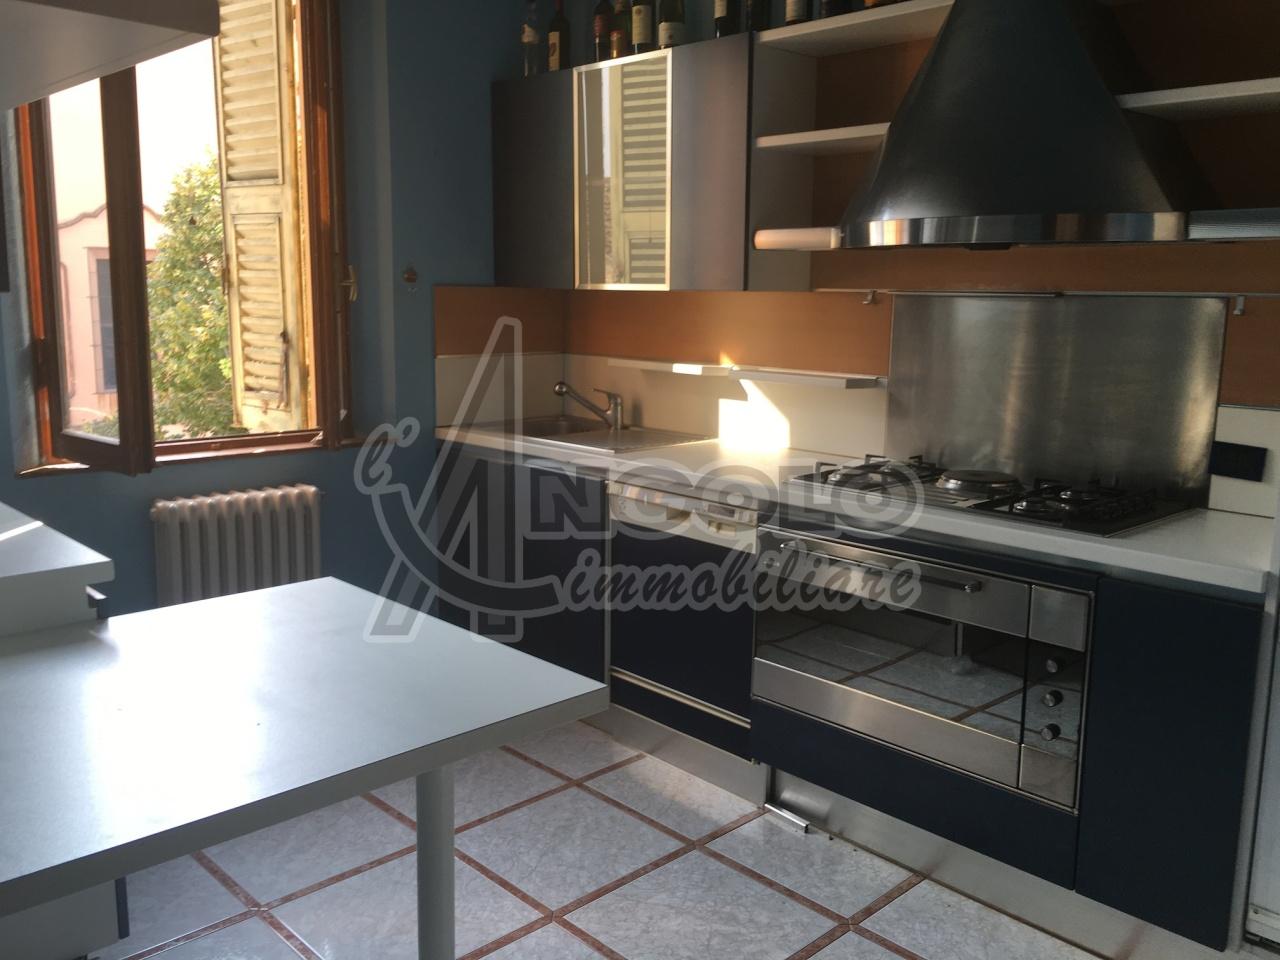 Attico / Mansarda in vendita a Ferrara, 6 locali, prezzo € 195.000 | Cambio Casa.it